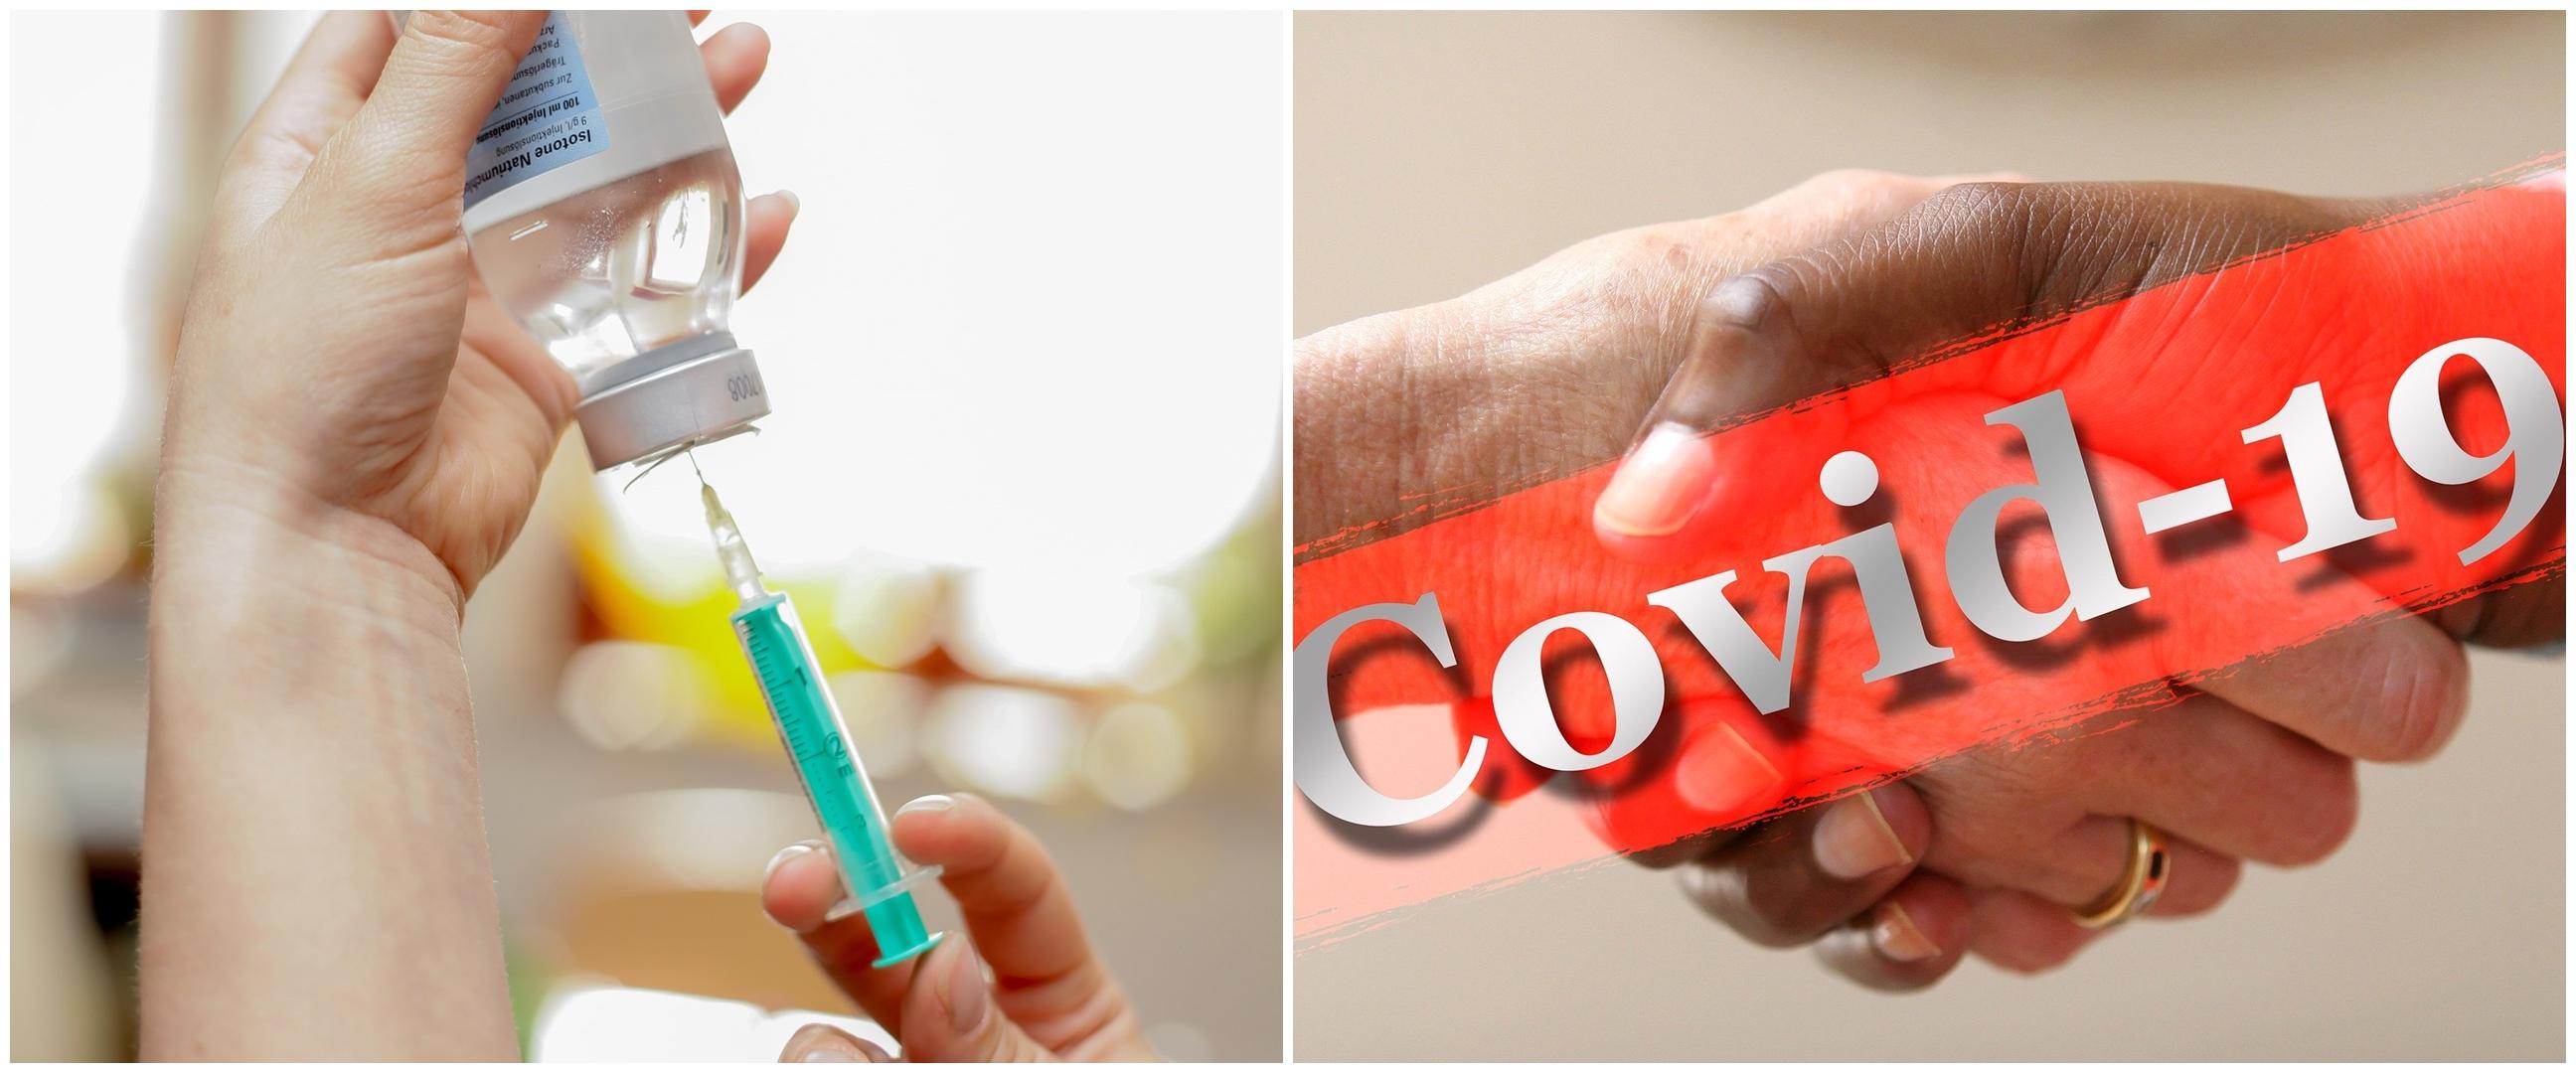 Ibu 43 tahun jadi orang pertama yang diuji coba vaksin Corona